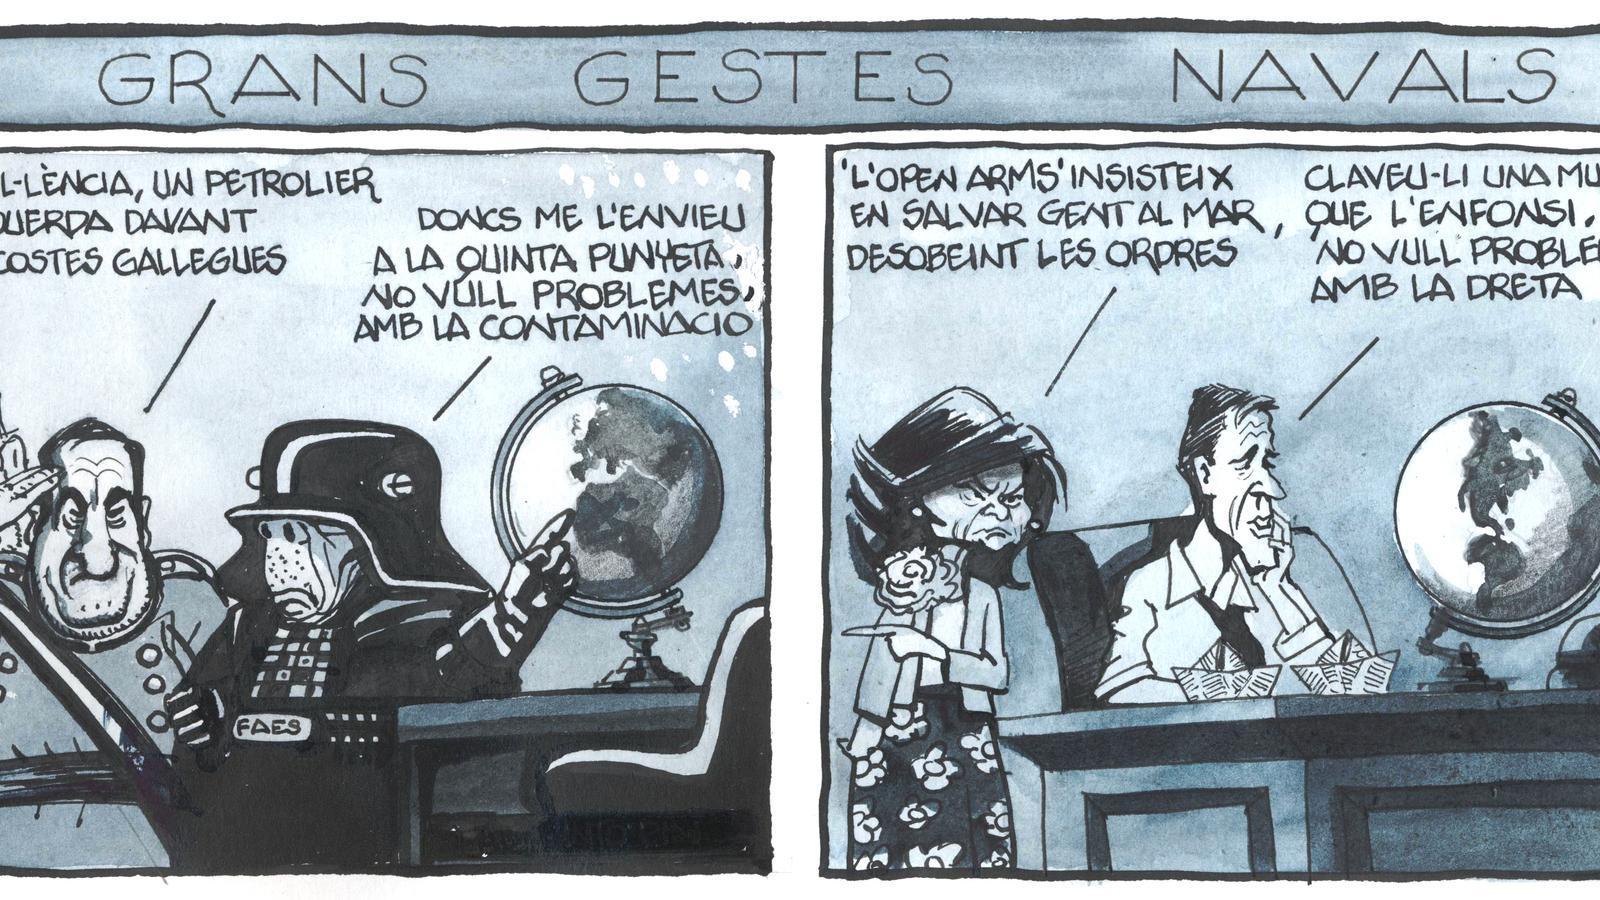 'A la contra', per Ferreres (26/08/2019)